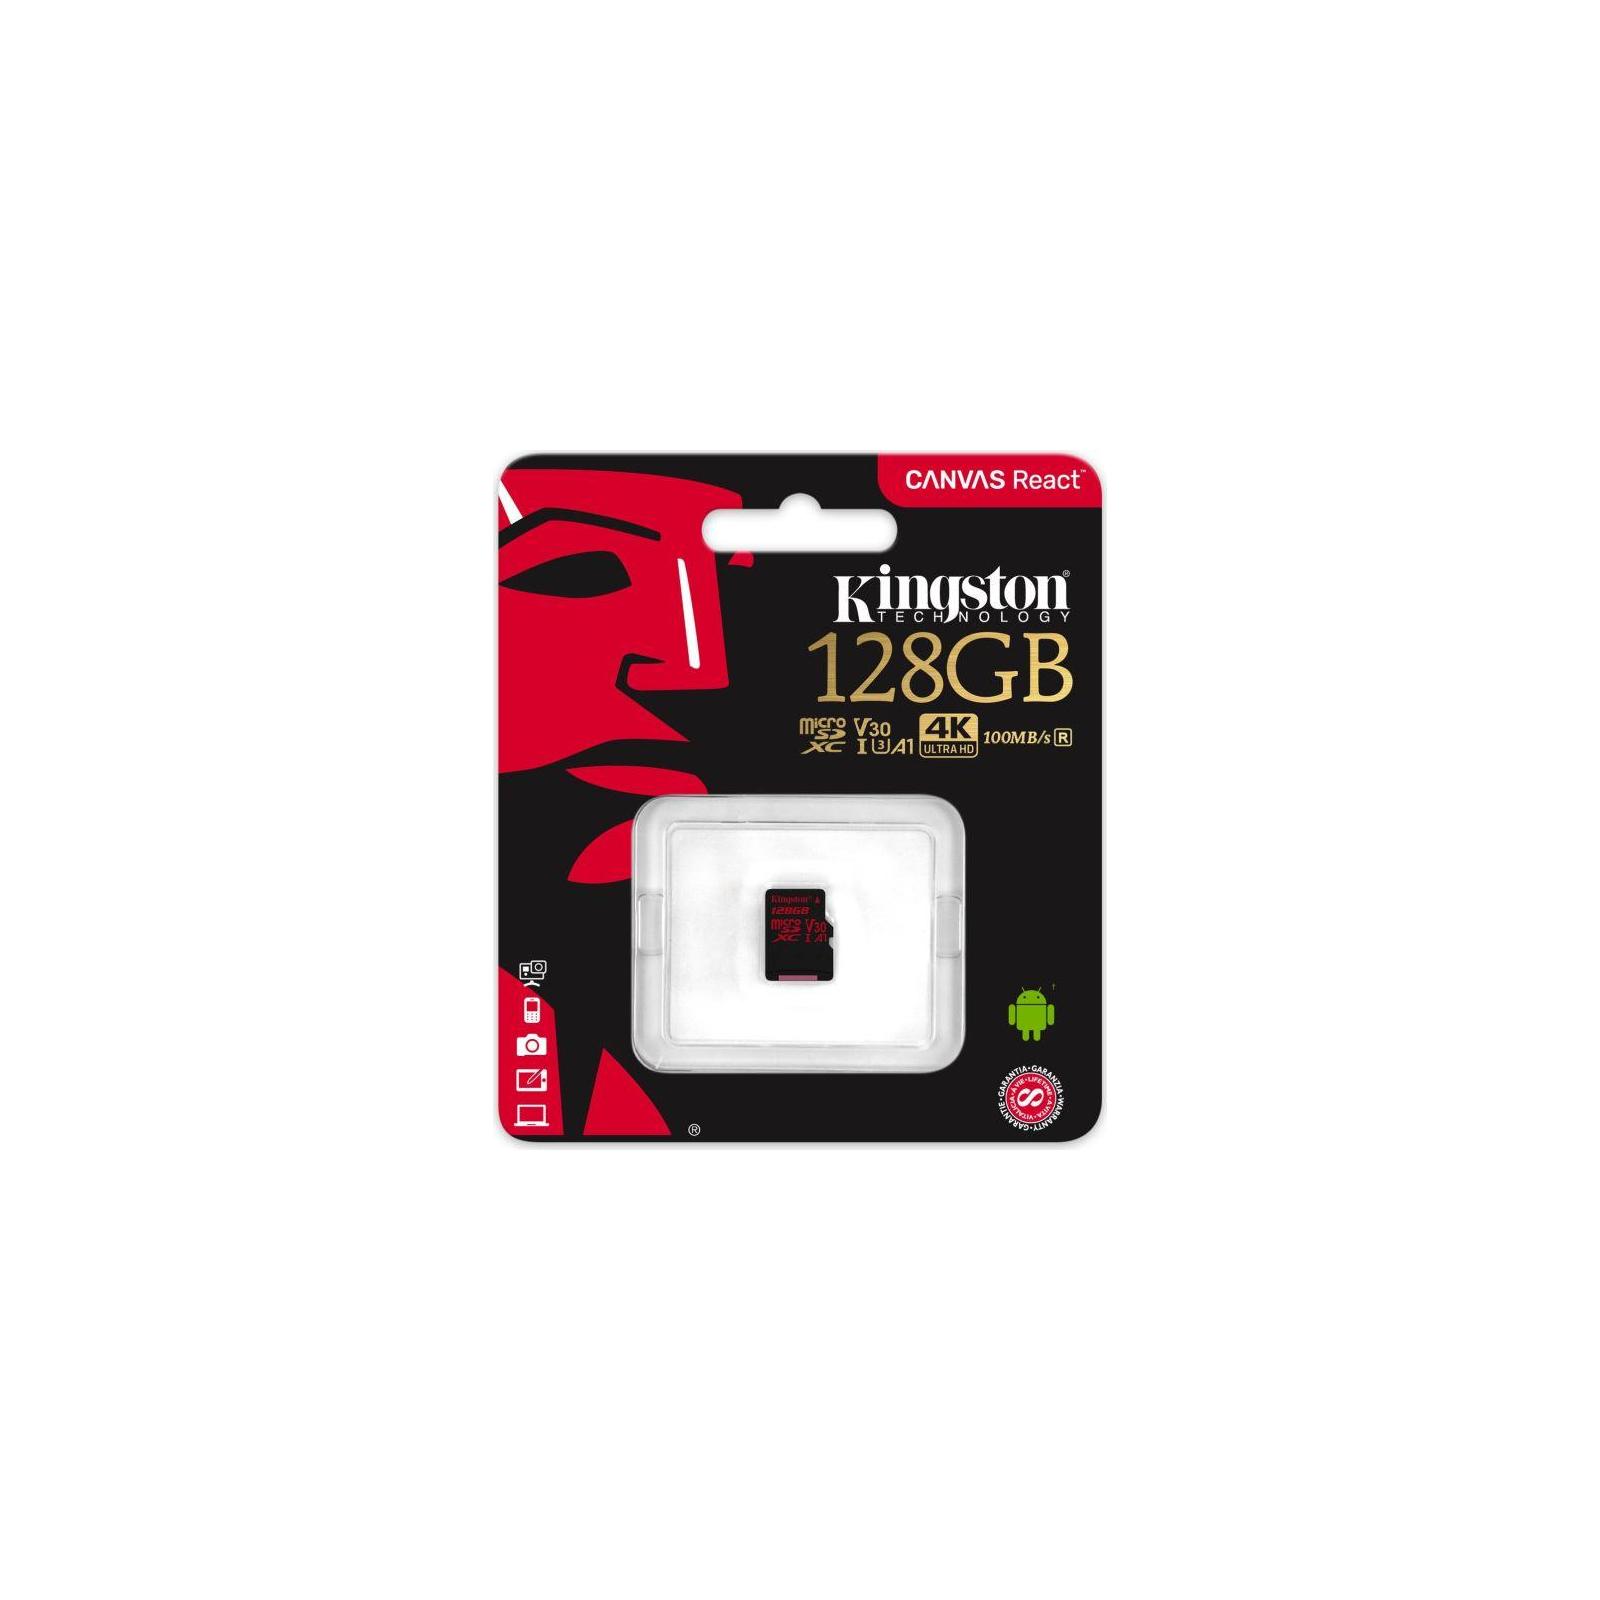 Карта памяти Kingston 128GB microSDXC class 10 UHS-I U3 (SDCR/128GBSP) изображение 3